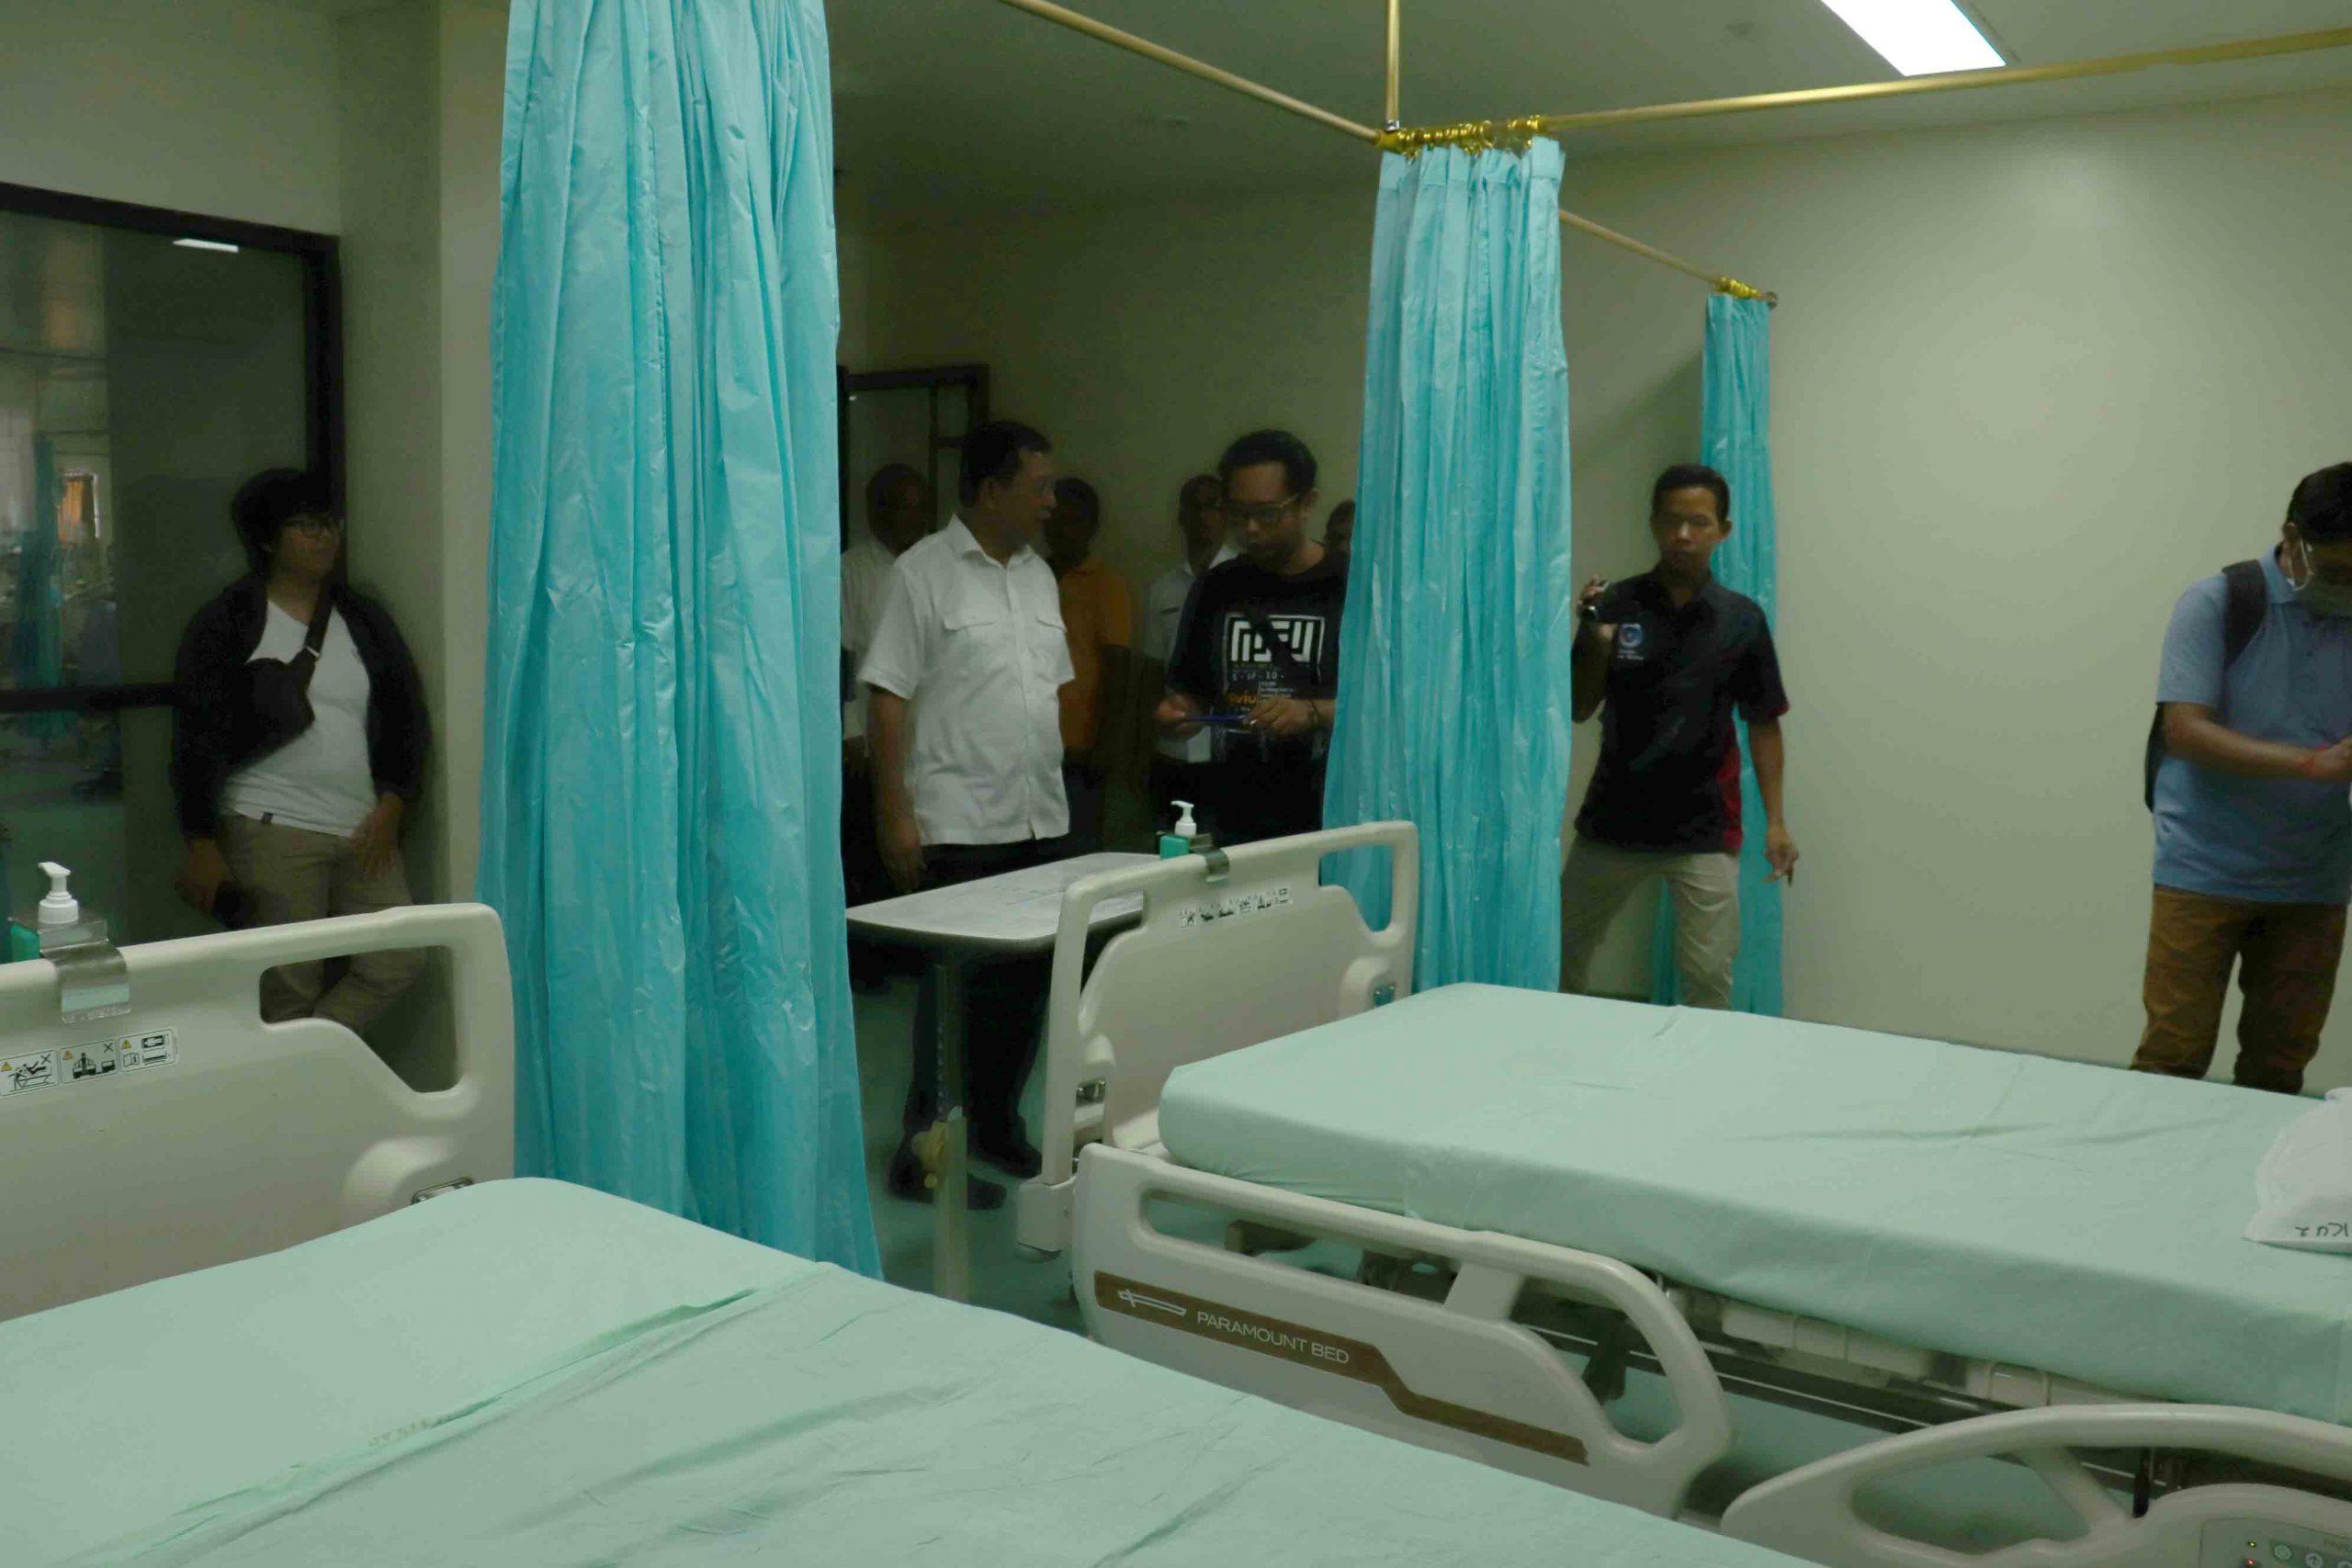 WABUP Sutjdira saat mengecek kondisi ruangan isolasi di RSUD Buleleng khusus untuk penanganan pasien suspect corona. Foto: istimewa